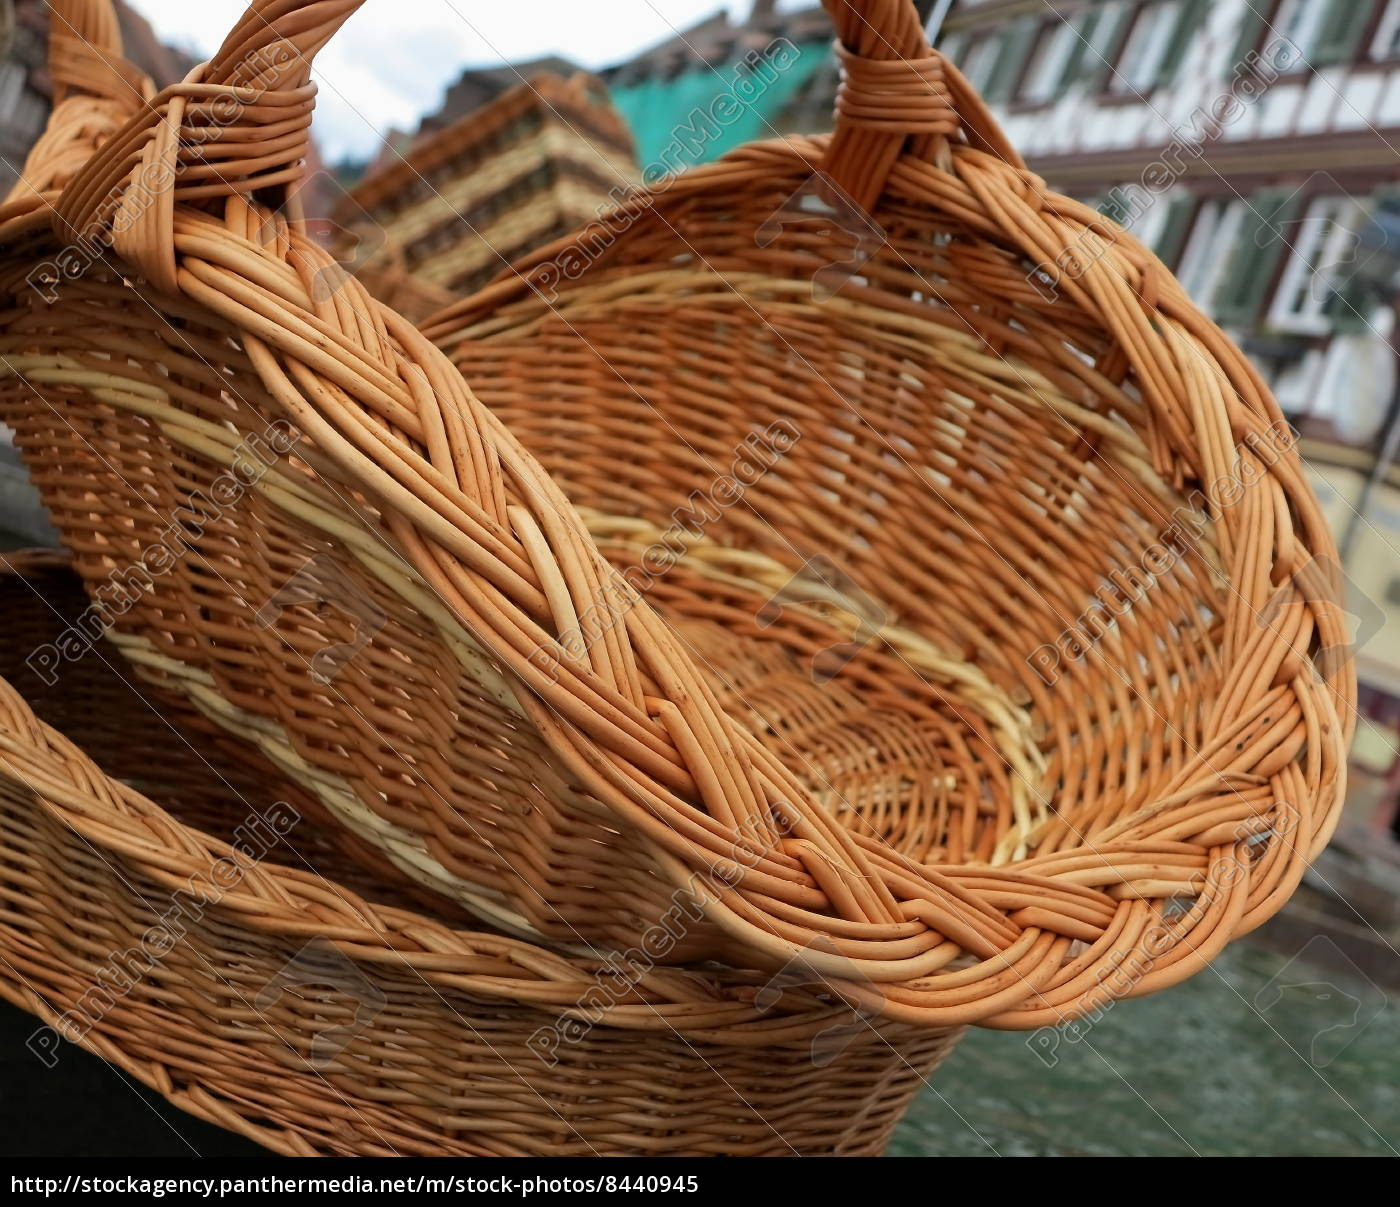 baskets - 8440945